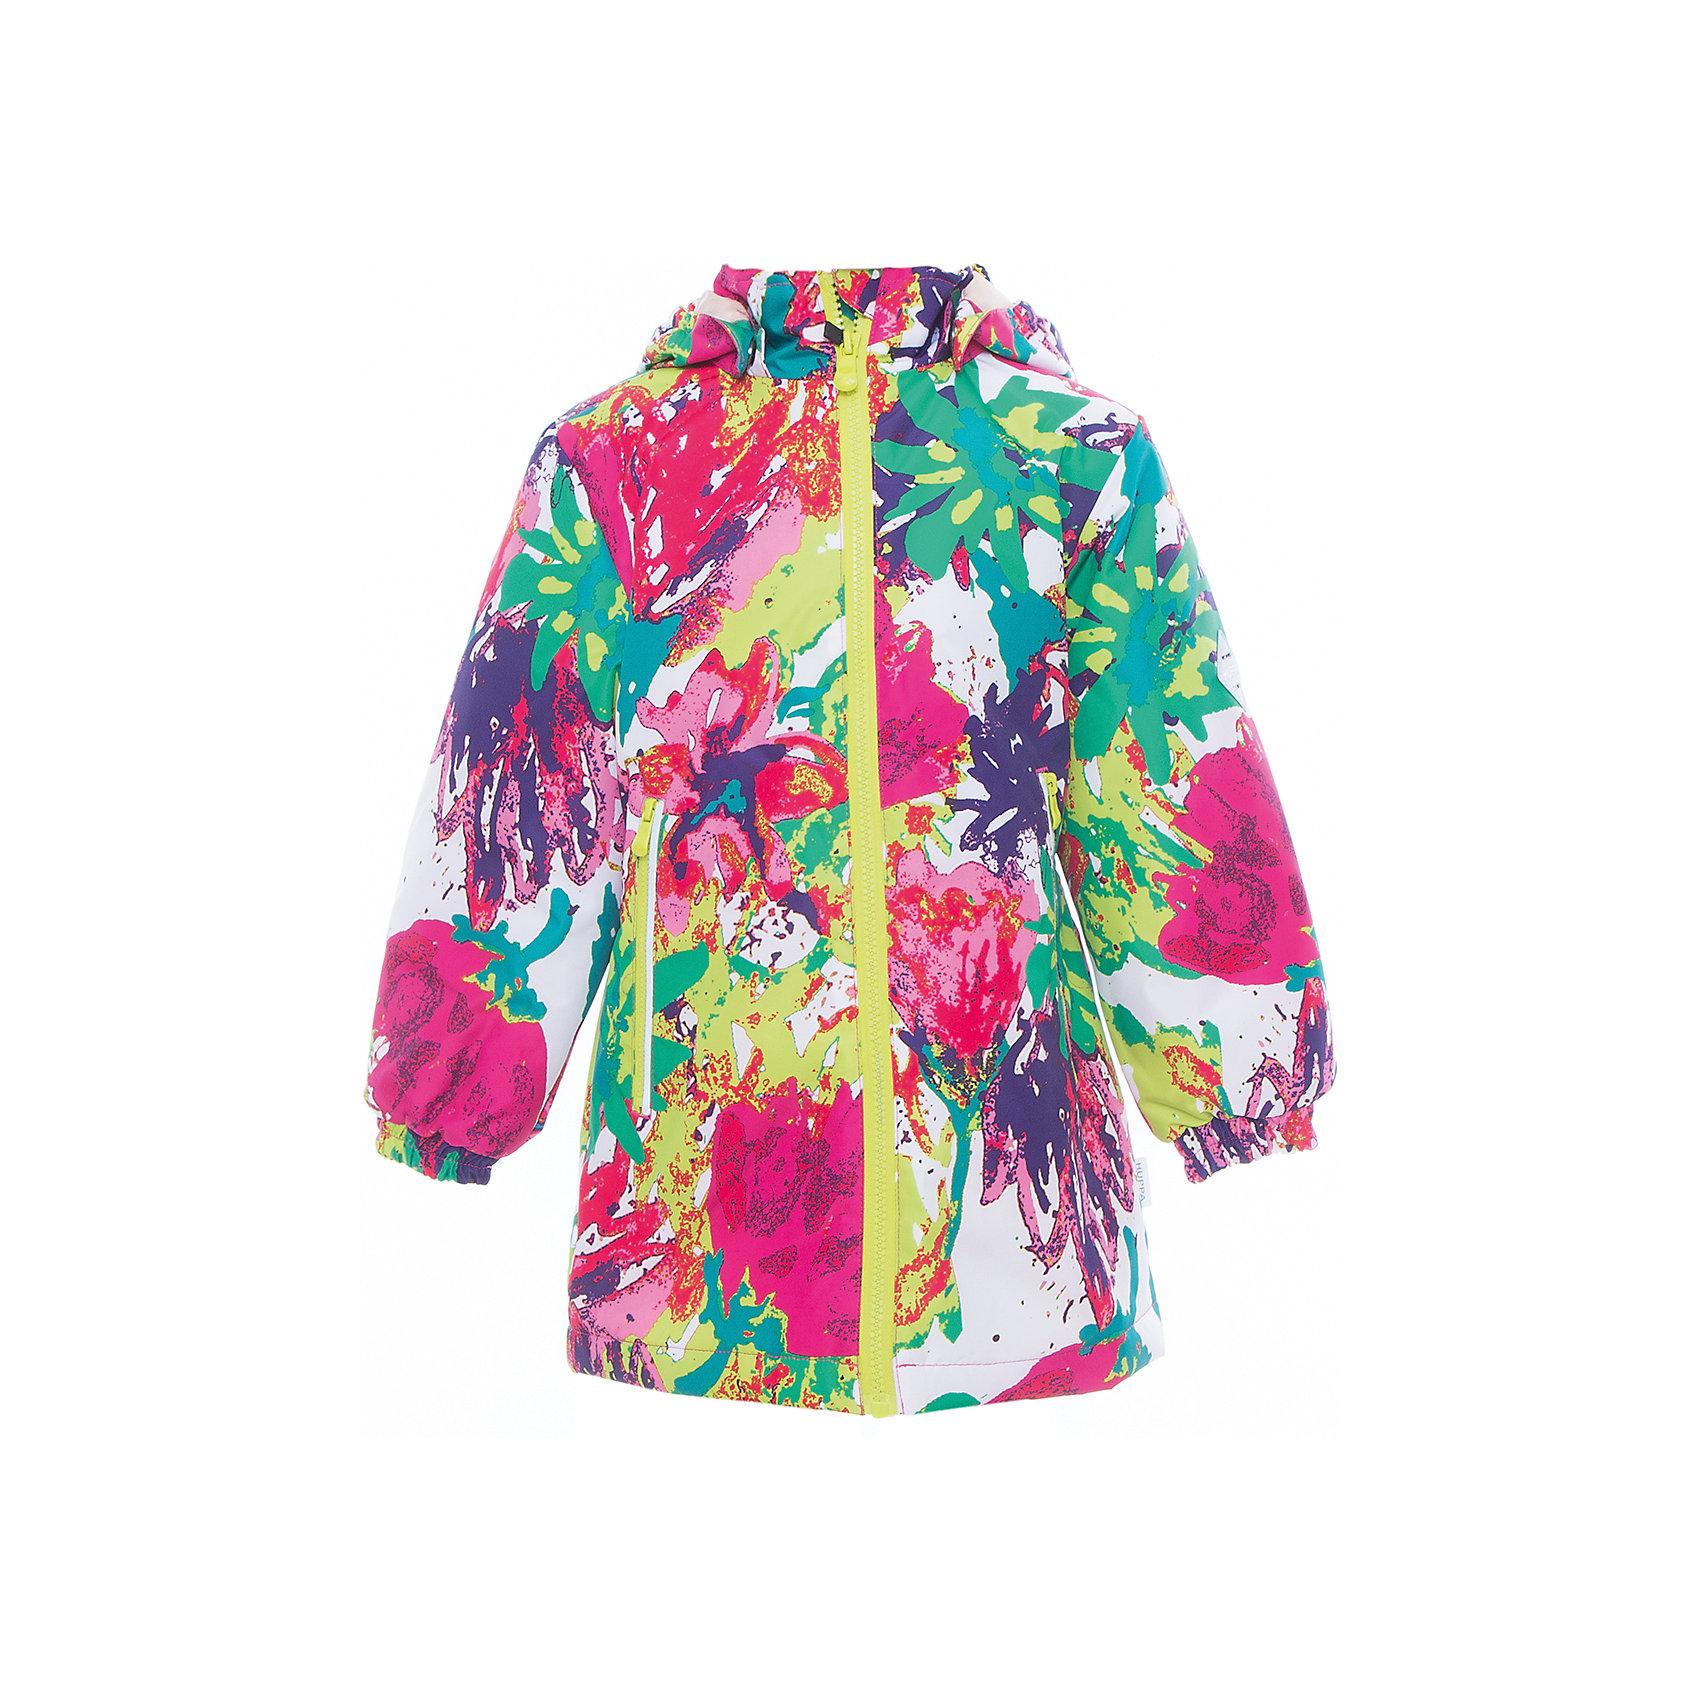 Куртка для девочки JUNE HuppaВерхняя одежда<br>Характеристики товара:<br><br>• цвет: мультиколор<br>• ткань: 100% полиэстер<br>• подкладка: тафта - 100% полиэстер<br>• утеплитель: 100% полиэстер 100 г<br>• температурный режим: от -5°С до +10°С<br>• водонепроницаемость: 10000 мм<br>• воздухопроницаемость: 10000 мм<br>• светоотражающие детали<br>• эластичные манжеты<br>• молния с защитой для подбородка<br>• съёмный капюшон с резинкой<br>• карманы на полнии<br>• комфортная посадка<br>• коллекция: весна-лето 2017<br>• страна бренда: Эстония<br><br>Такая легкая и стильная куртка обеспечит детям тепло и комфорт. Она сделана из материала, отталкивающего воду, и дополнено подкладкой с утеплителем, поэтому изделие идеально подходит для межсезонья. Материал изделия - с мембранной технологией: защищая от влаги и ветра, он легко выводит лишнюю влагу наружу. Для удобства сделан капюшон. Куртка очень симпатично смотрится, яркая расцветка и крой добавляют ему оригинальности. Модель была разработана специально для детей.<br><br>Одежда и обувь от популярного эстонского бренда Huppa - отличный вариант одеть ребенка можно и комфортно. Вещи, выпускаемые компанией, качественные, продуманные и очень удобные. Для производства изделий используются только безопасные для детей материалы. Продукция от Huppa порадует и детей, и их родителей!<br><br>Куртку для девочки JUNE от бренда Huppa (Хуппа) можно купить в нашем интернет-магазине.<br><br>Ширина мм: 356<br>Глубина мм: 10<br>Высота мм: 245<br>Вес г: 519<br>Цвет: белый<br>Возраст от месяцев: 132<br>Возраст до месяцев: 144<br>Пол: Женский<br>Возраст: Детский<br>Размер: 152,110,116,122,128,134,140,146<br>SKU: 5346847